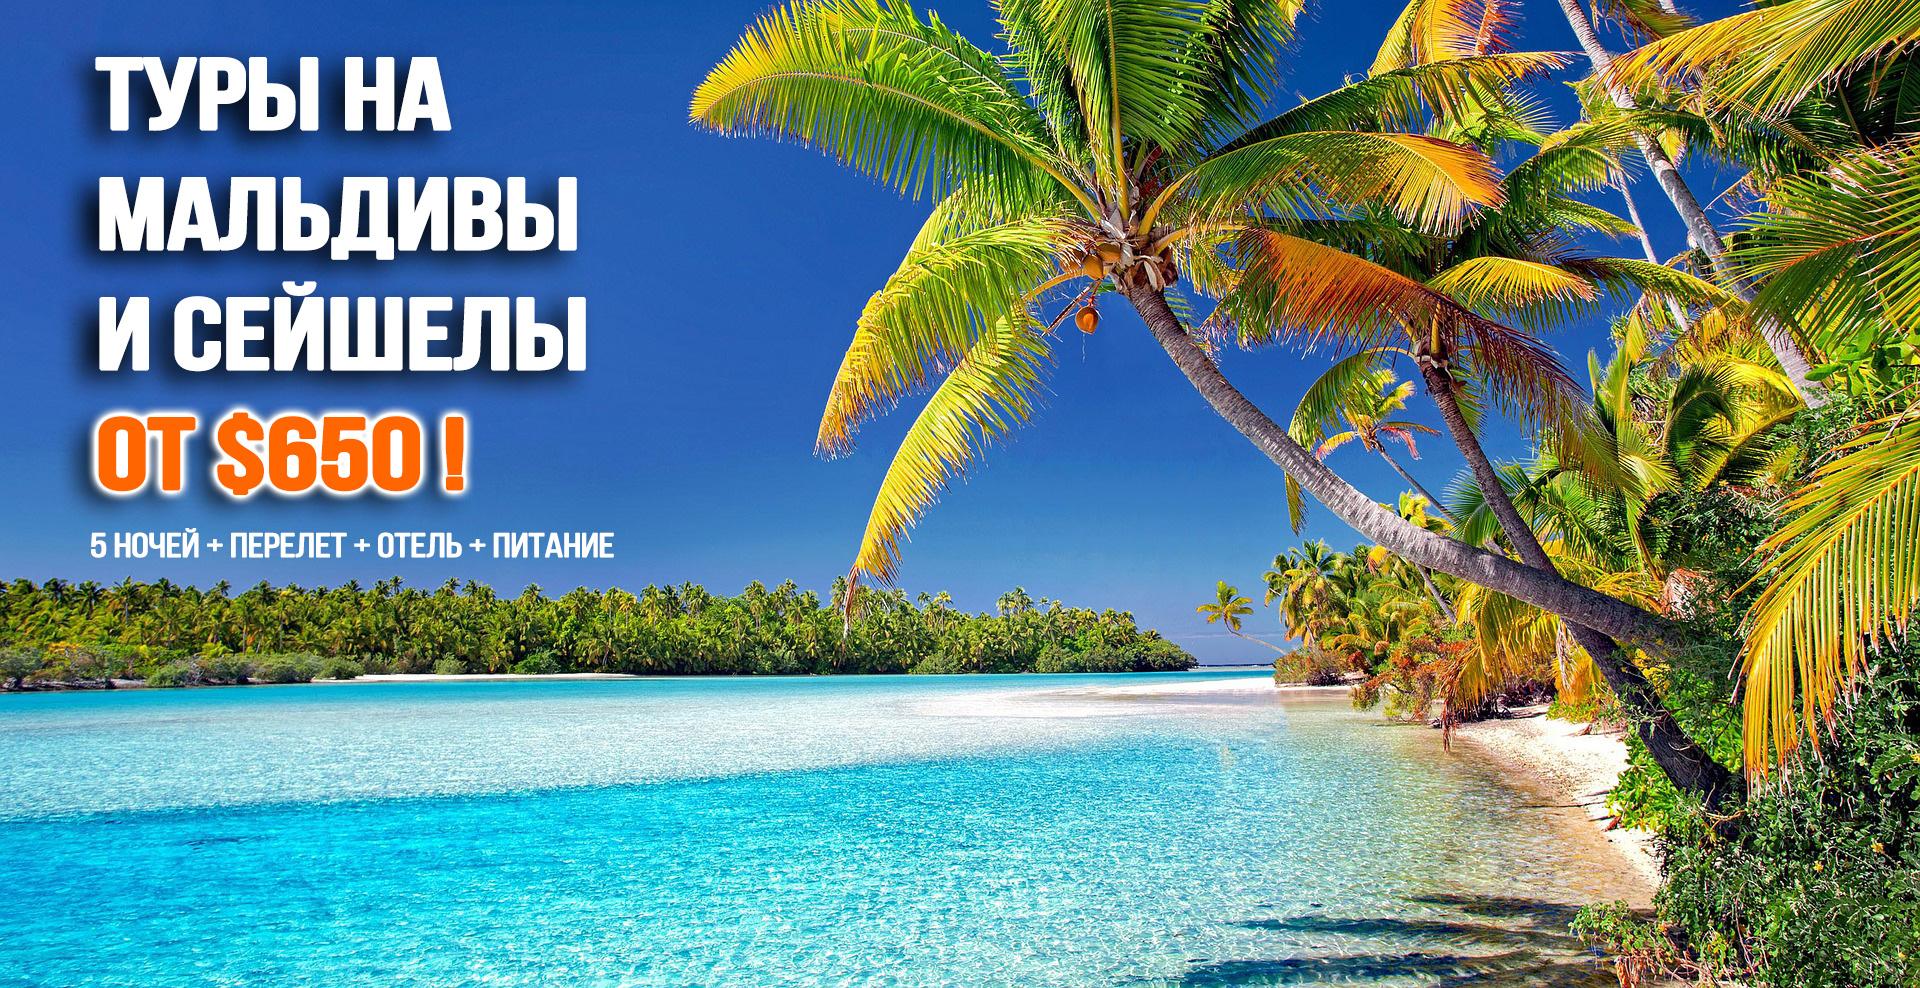 Туры на Мальдивы и Сейшелы